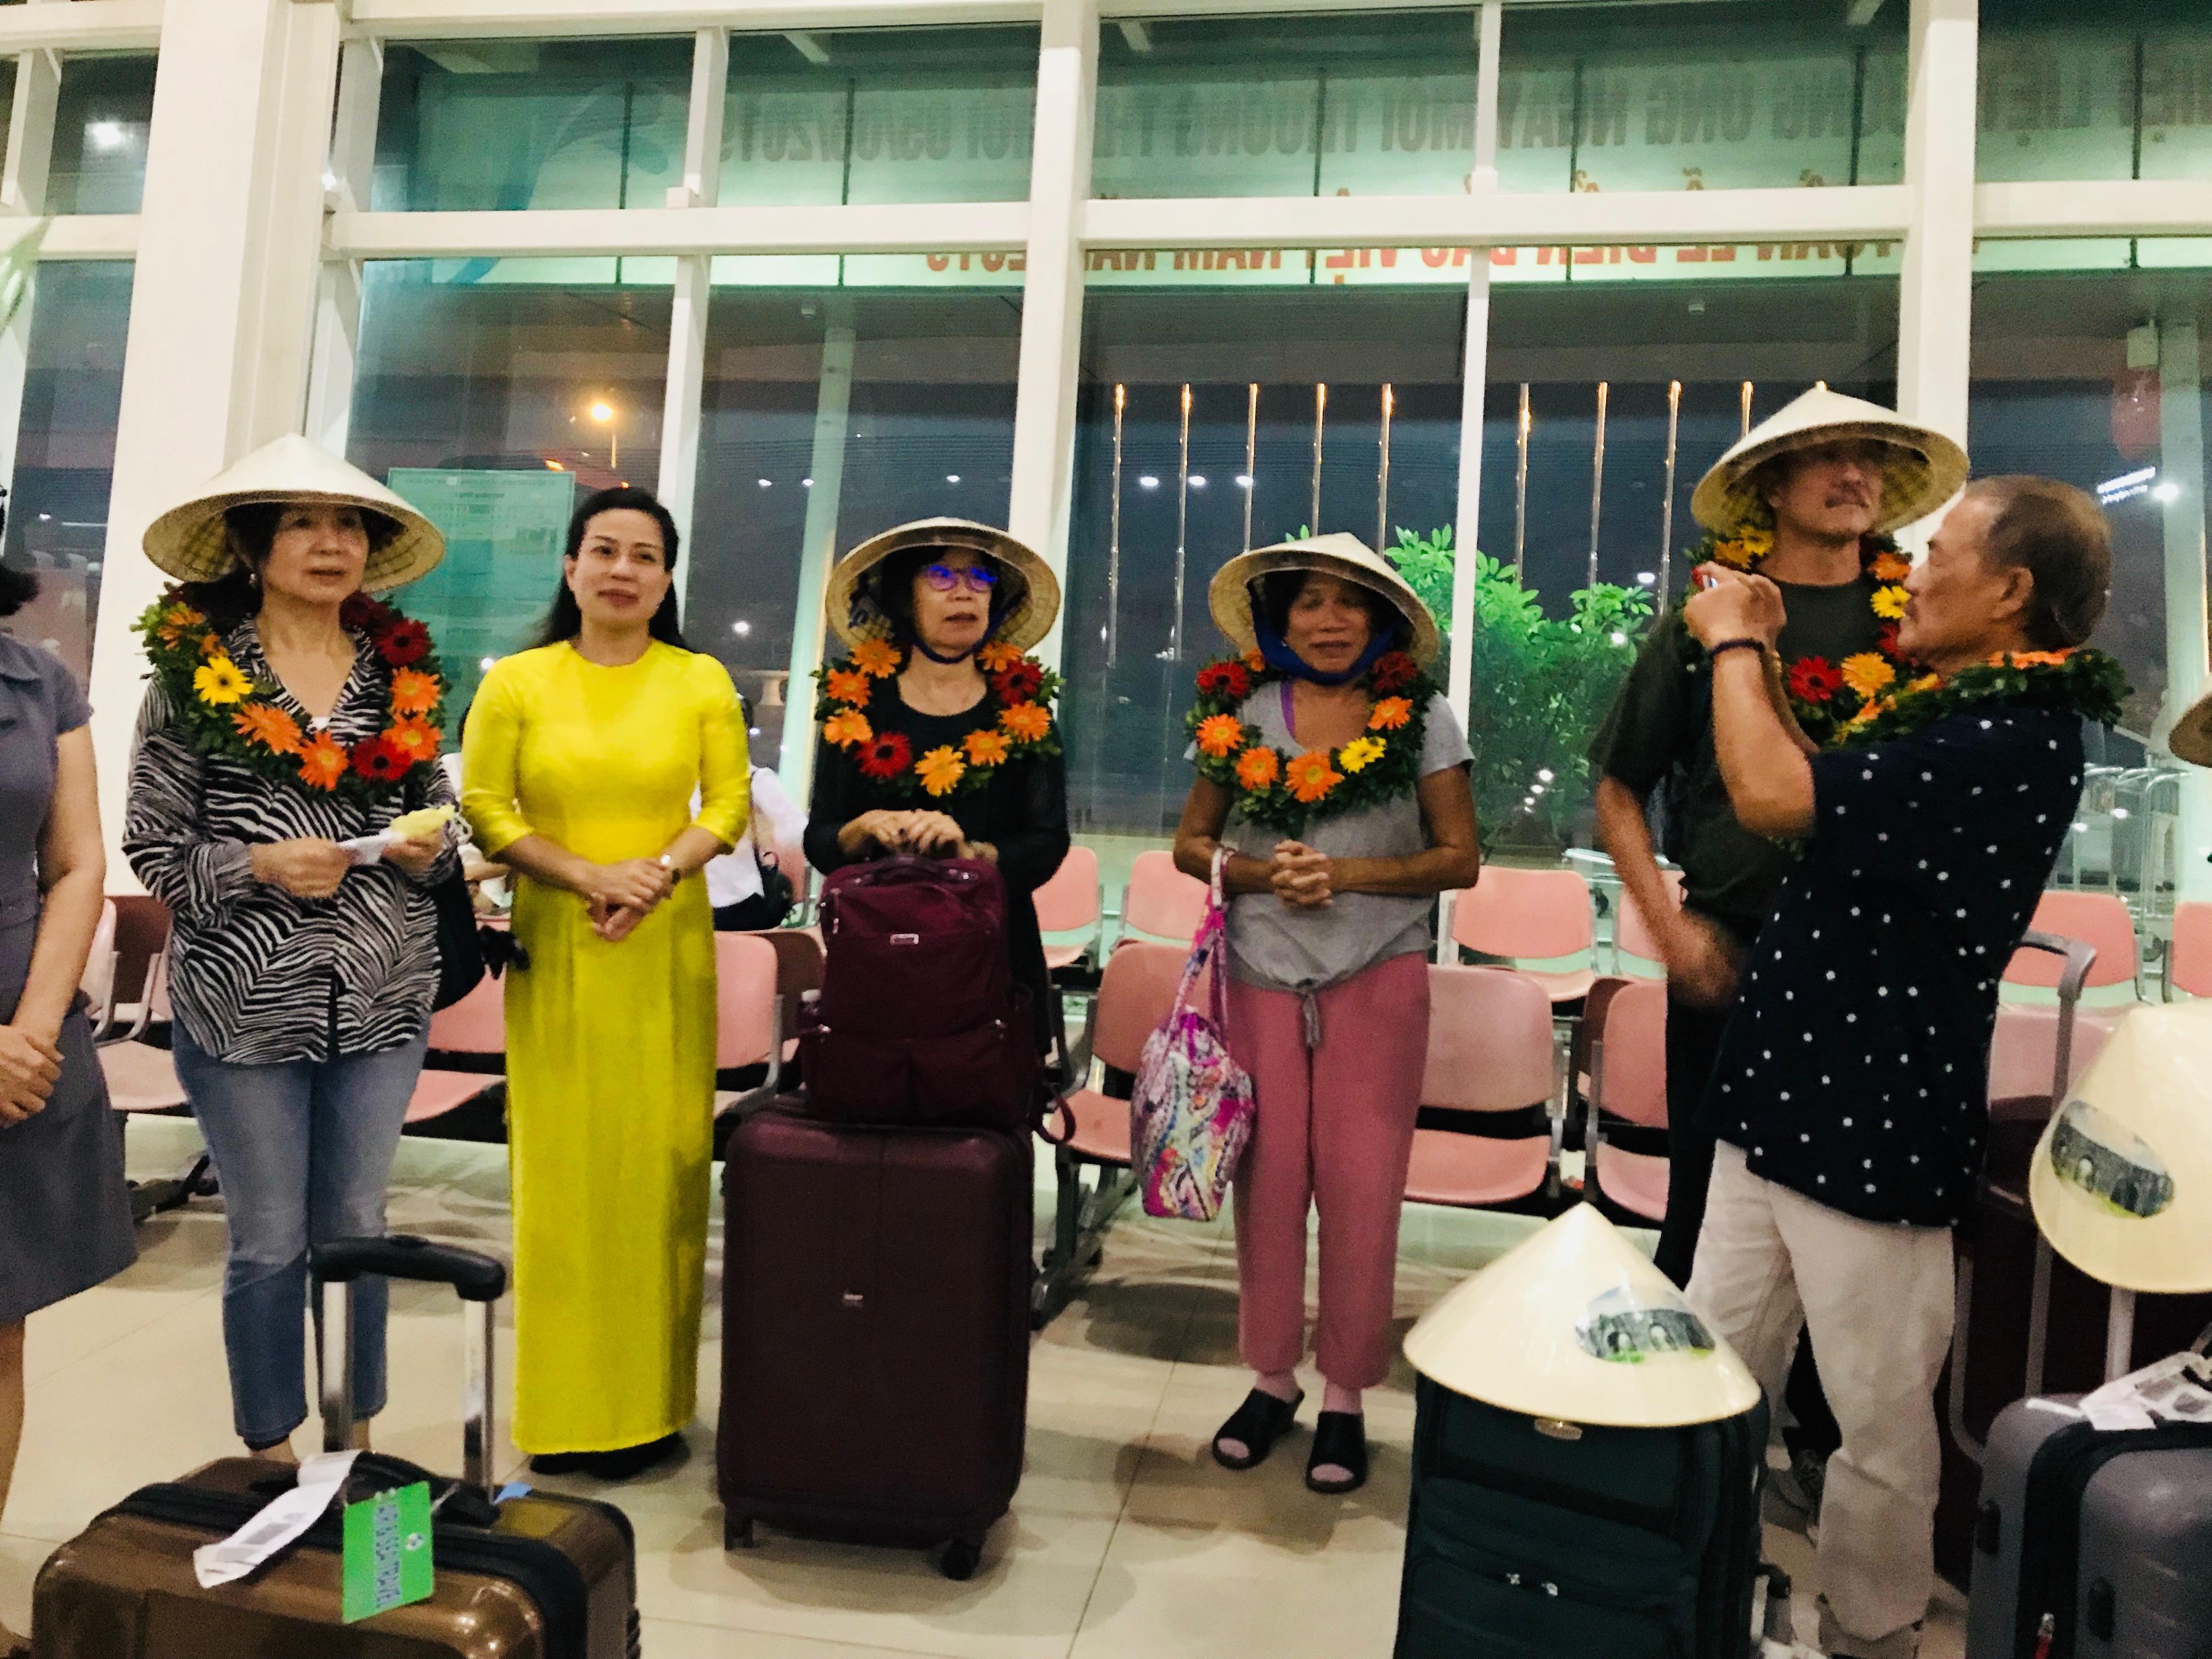 Đón đoàn khách du lịch từ Hoa Kỳ đến Thanh Hóa sau chương trình xúc tiến thương mại Ảnh 3